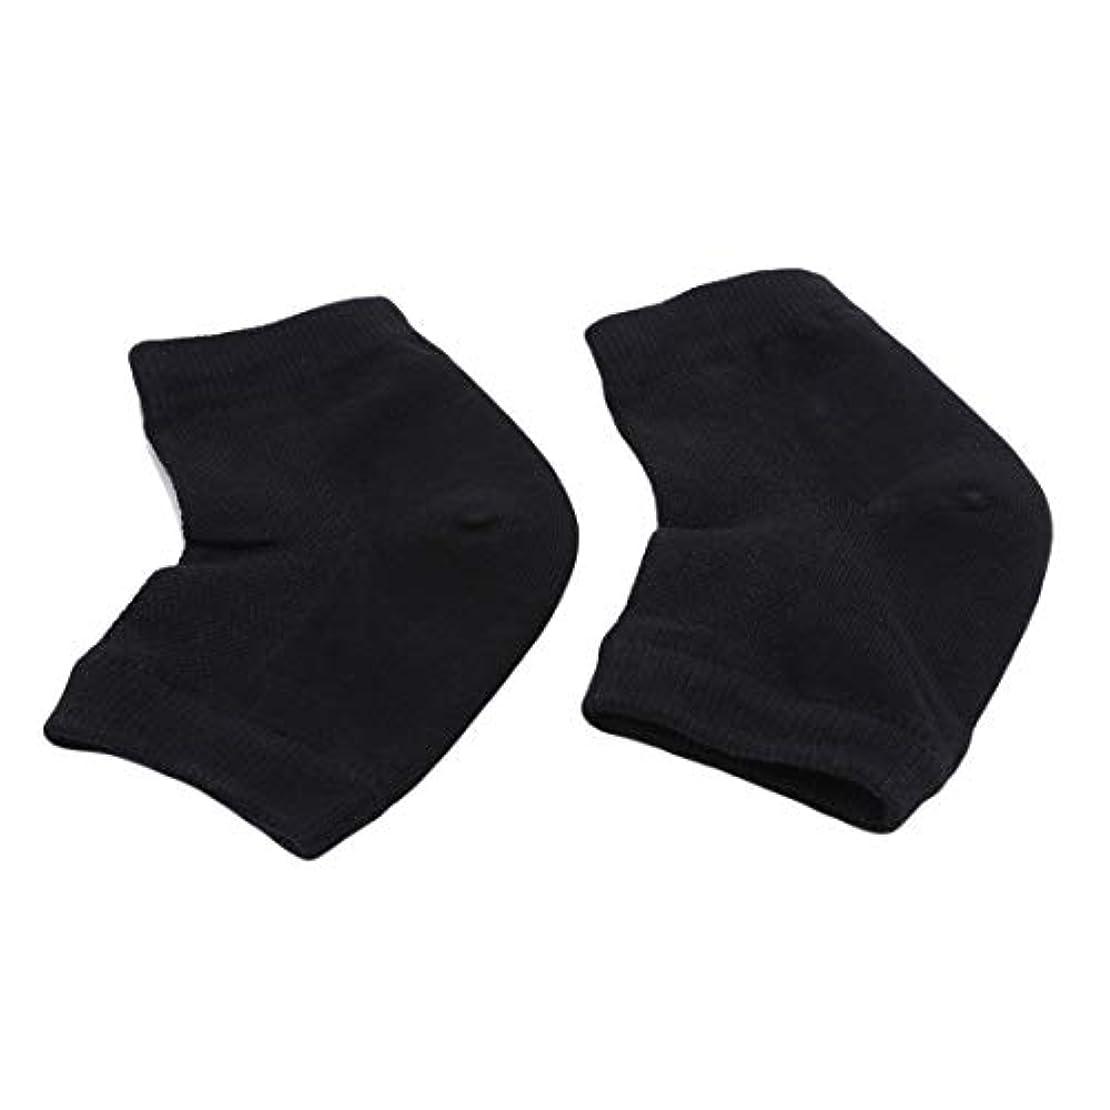 フレット葬儀クックKLUMA かかと靴下 ソックス 角質ケア スベスベ ツルツル うるおい 保湿 フットケア レディース メンズ 男女兼用 フリーサイズ 黒色